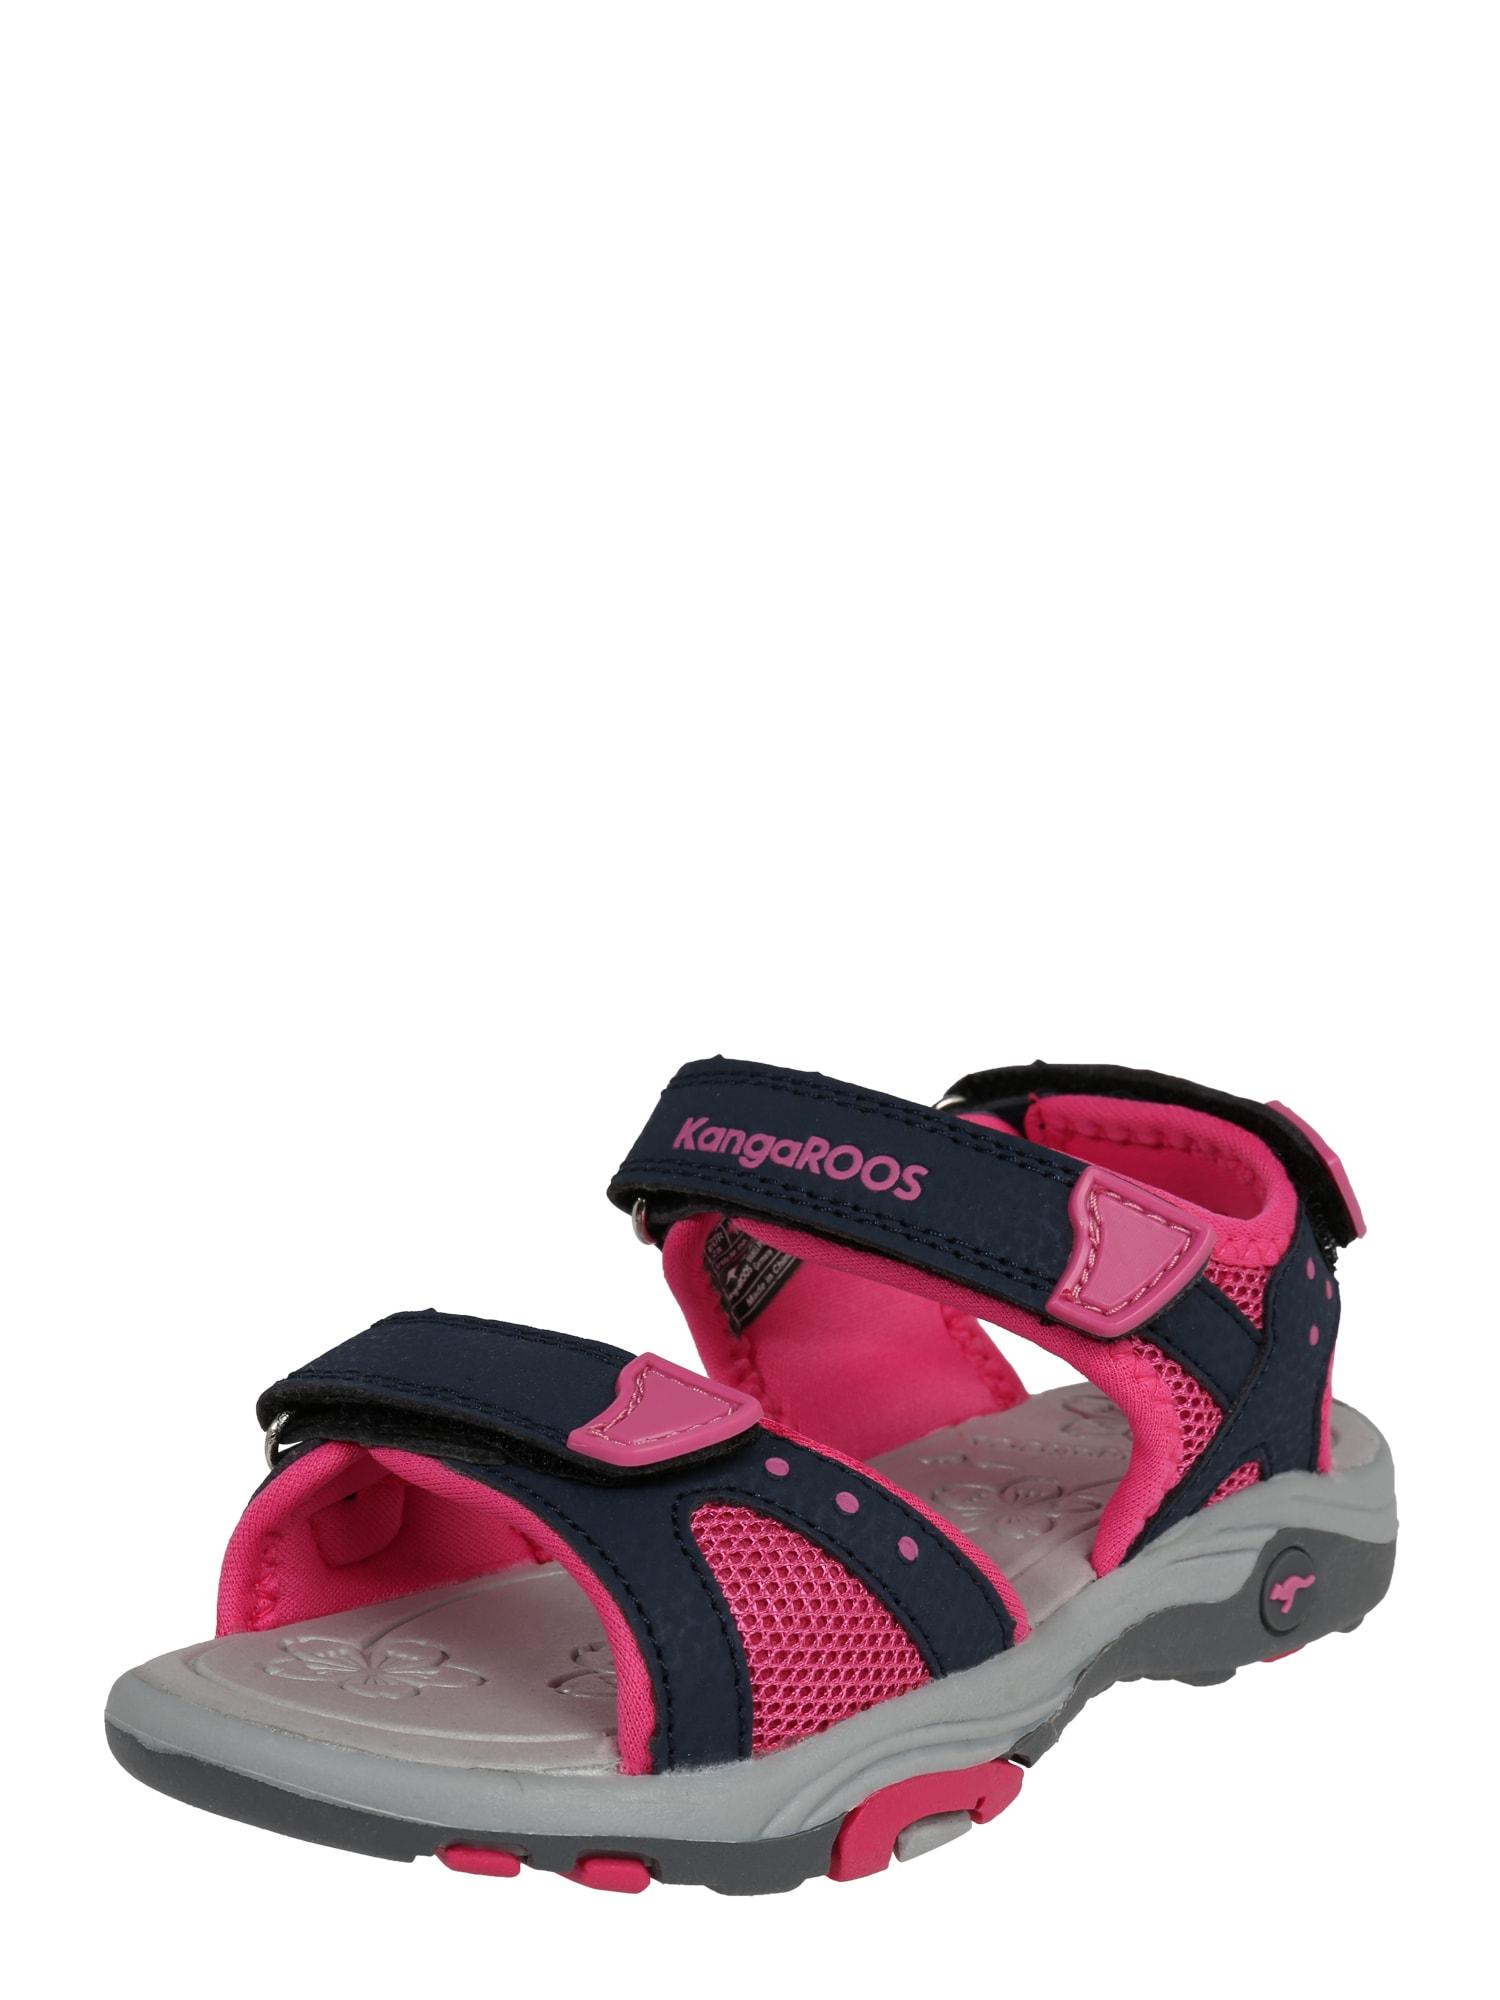 Sandály Belle šedá pink černá KangaROOS